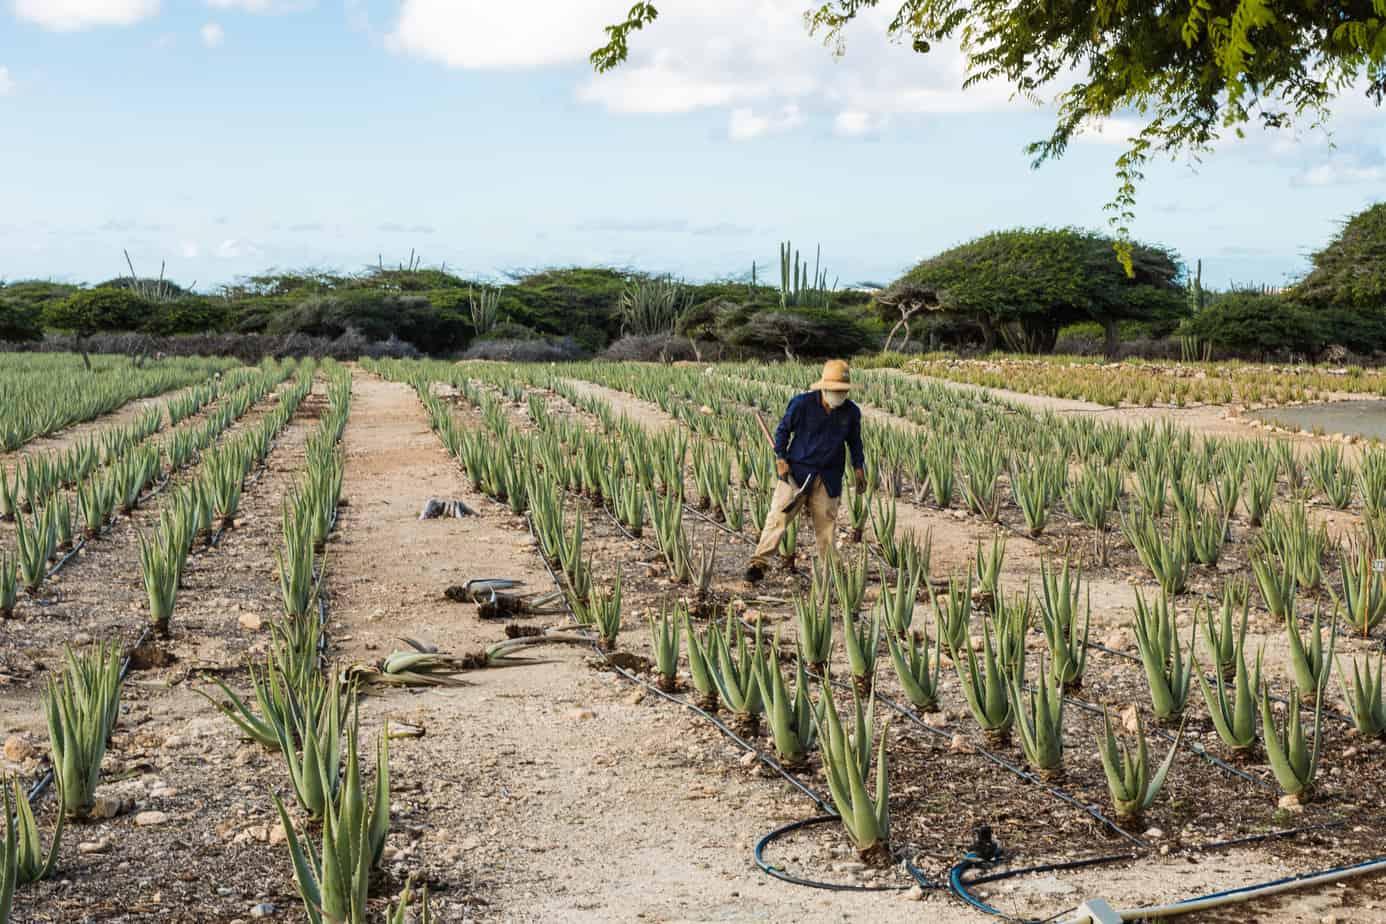 Aruba Aloe Vera Farm Worker